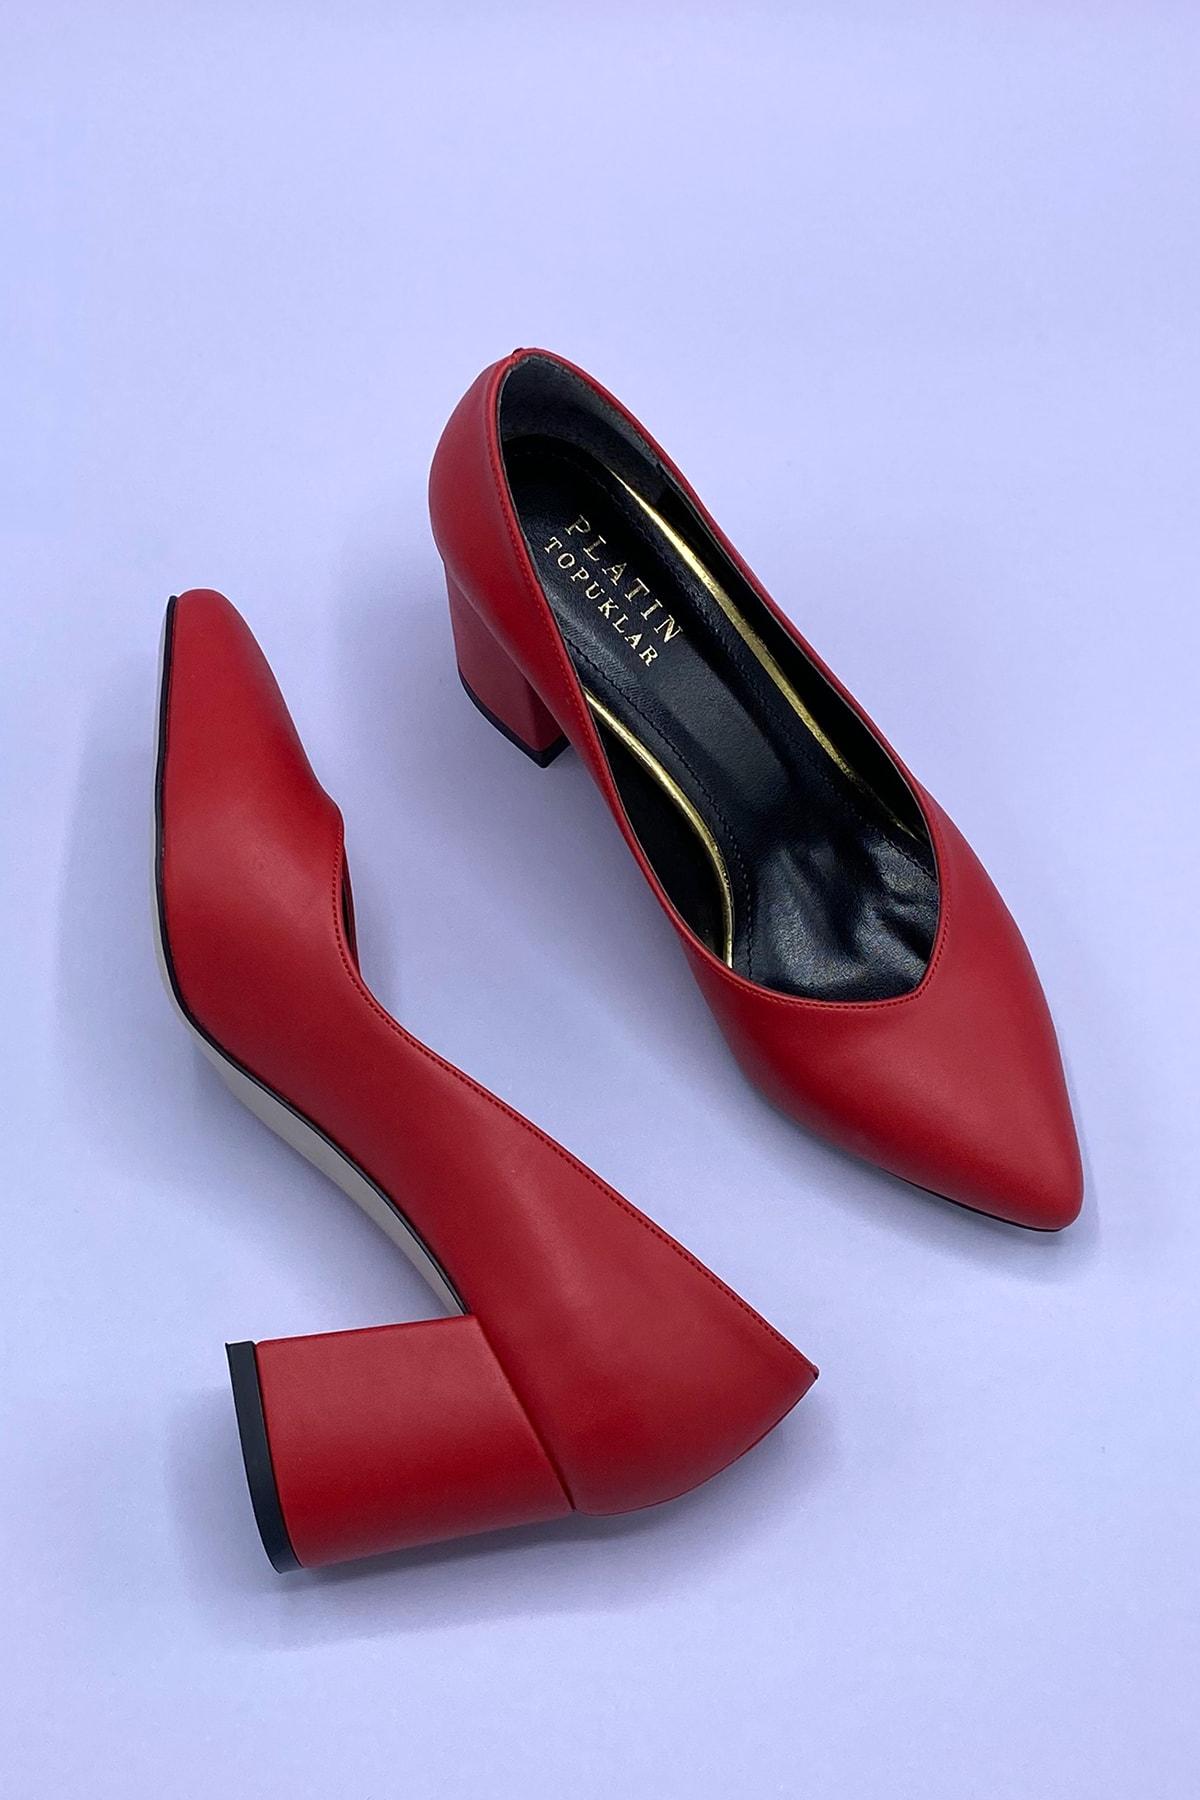 Platin Topuklar Kırmızı Topuklu Kadın Ayakkabı 1